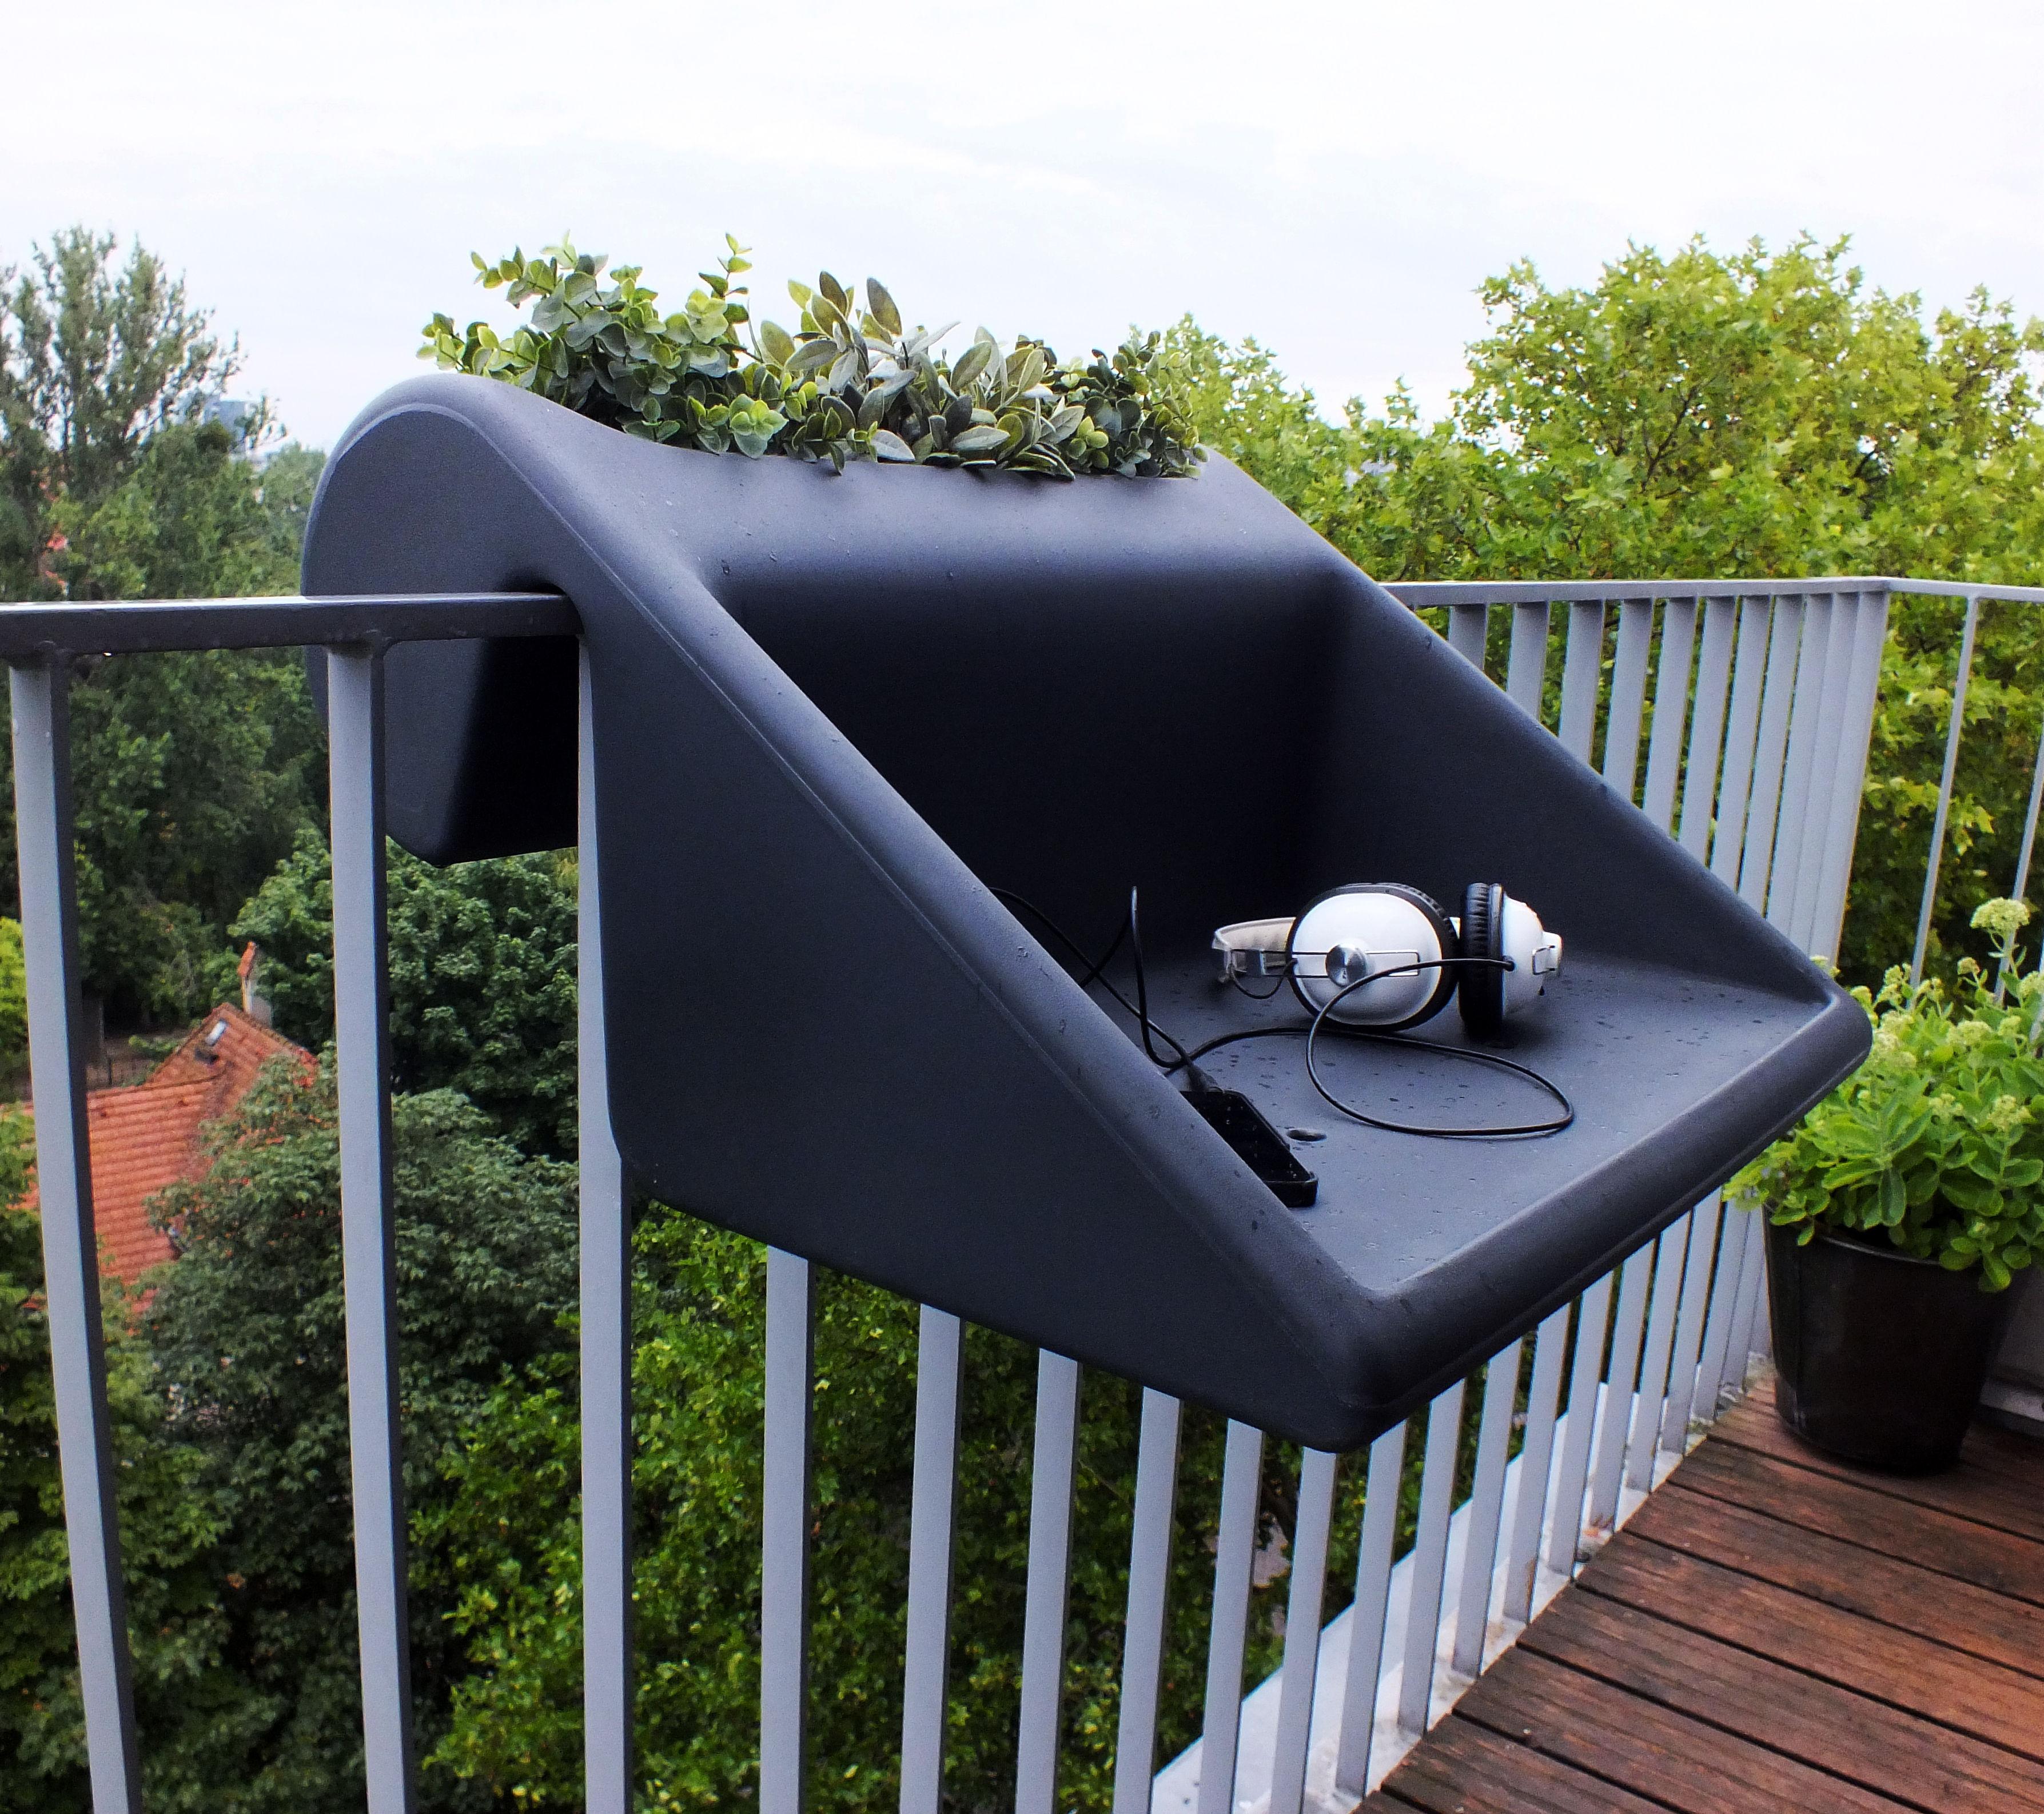 Table d 39 appoint balkonzept suspendre pour balcons jardini re int gr e anthracite rephorm - Table suspendue pour balcon ...